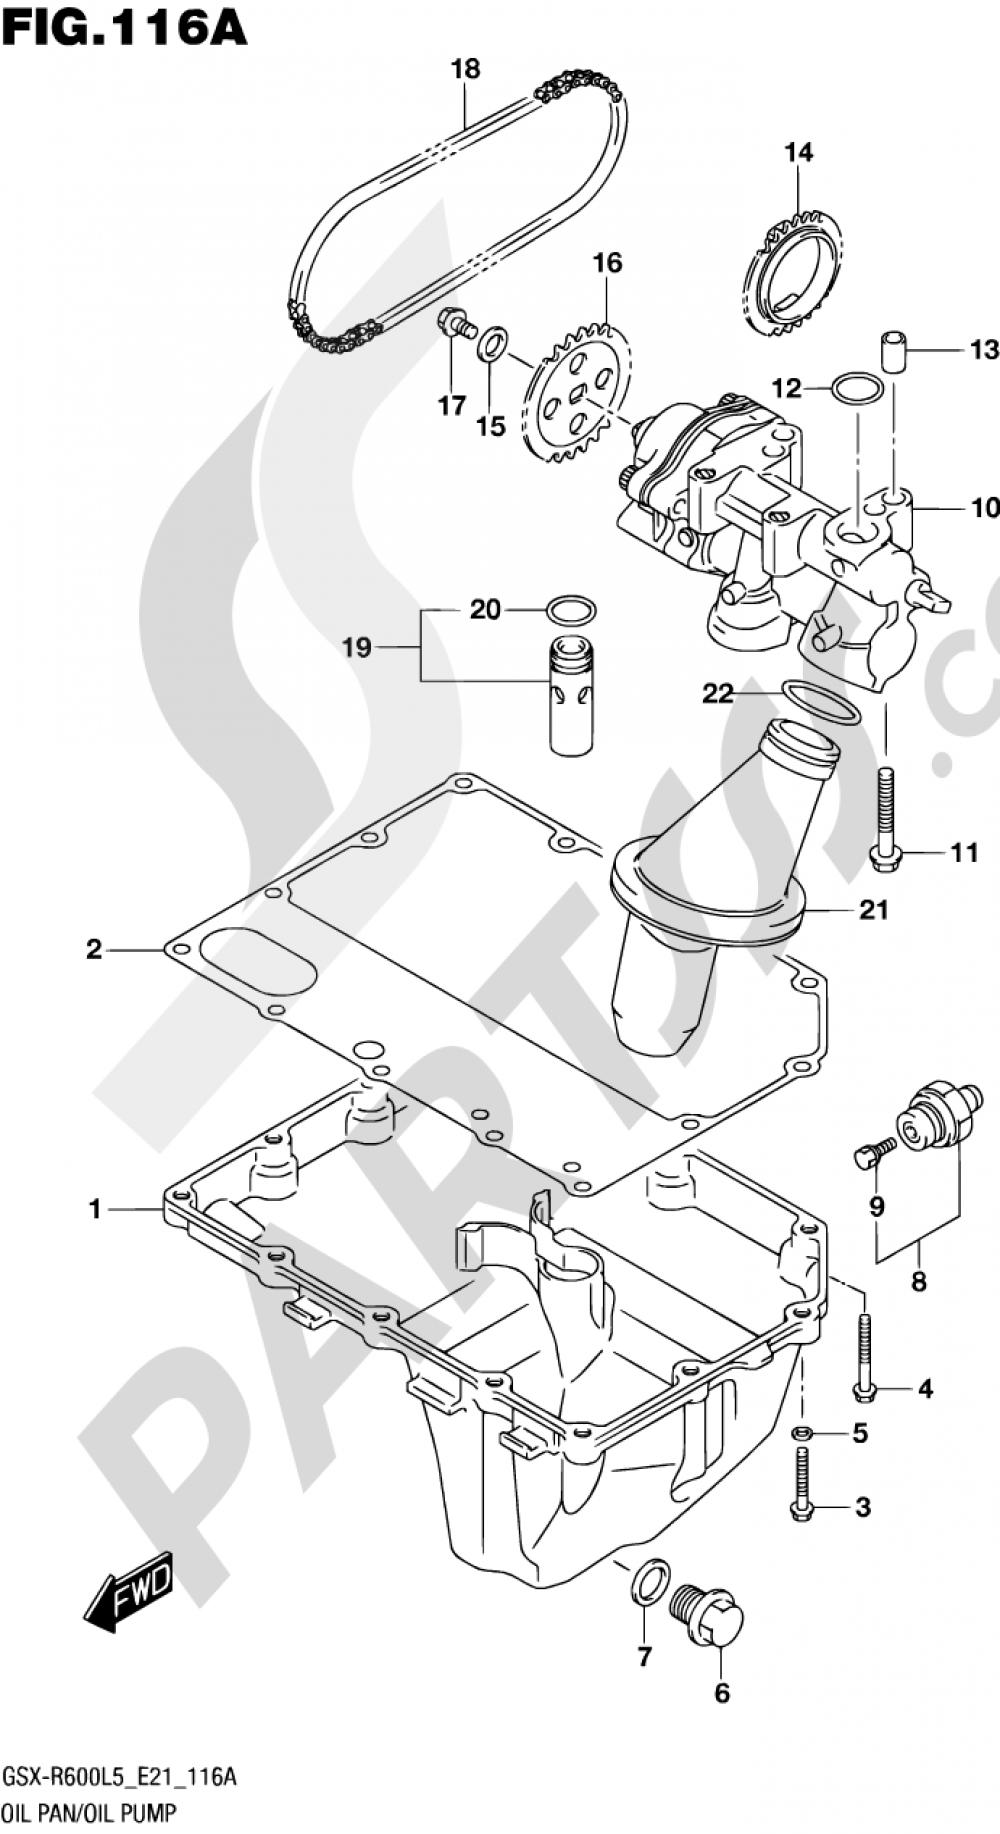 116A - OIL PAN/OIL PUMP Suzuki GSX-R600 2015